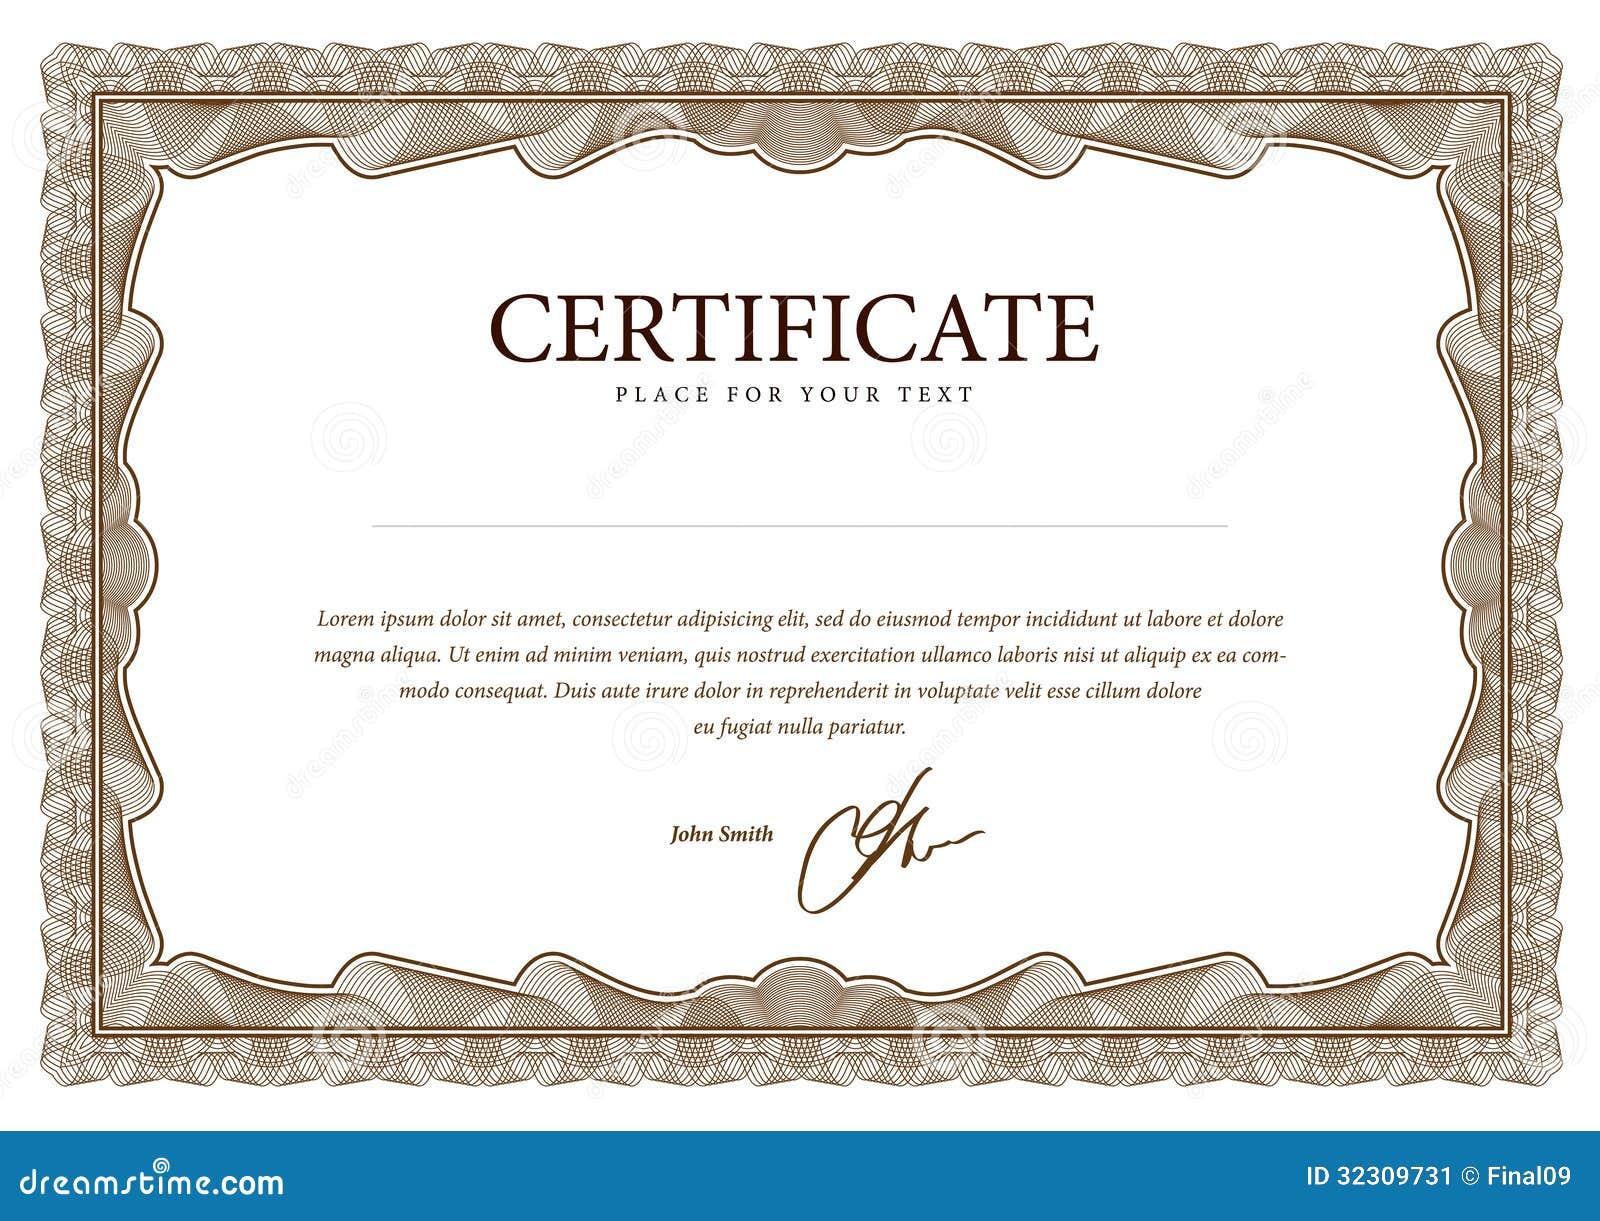 Único Certificados Plantillas Gratuitas Modelo - Ejemplo De ...